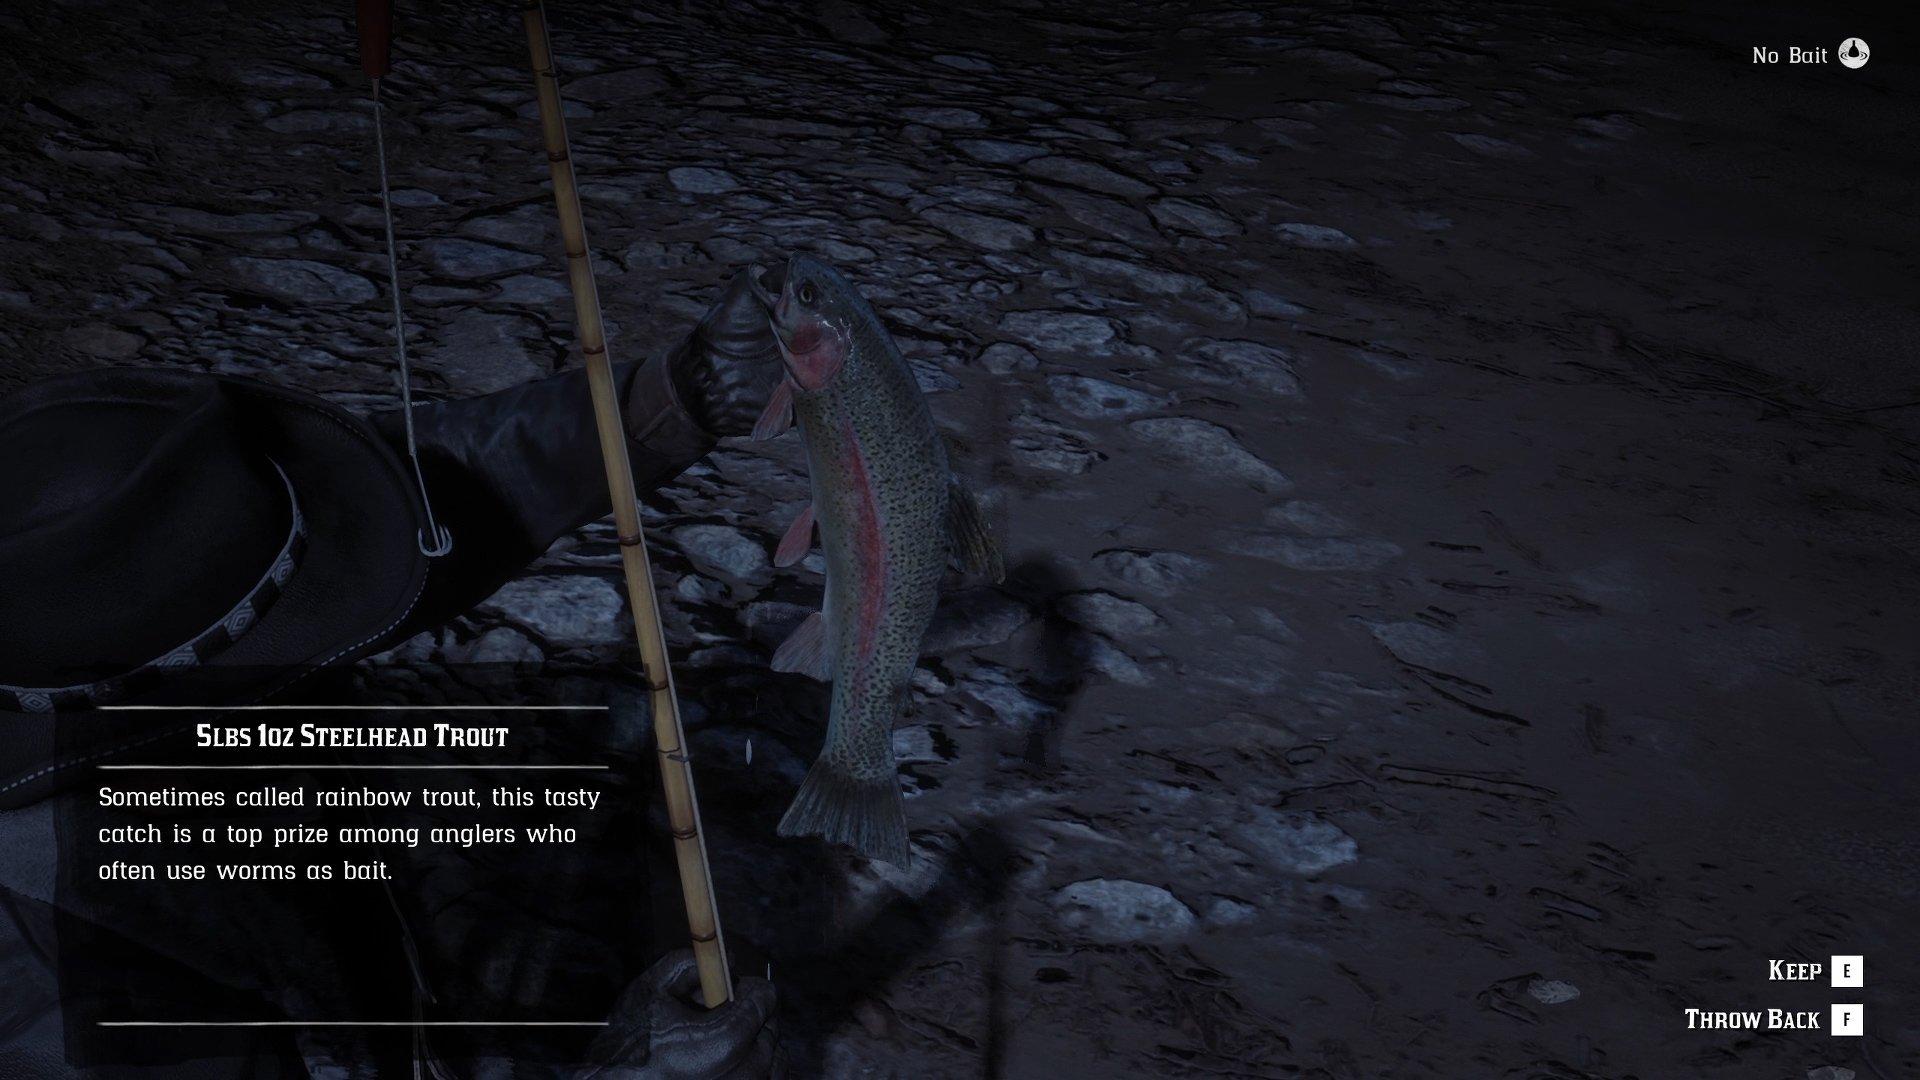 Red Dead Online - Steelhead Trout location